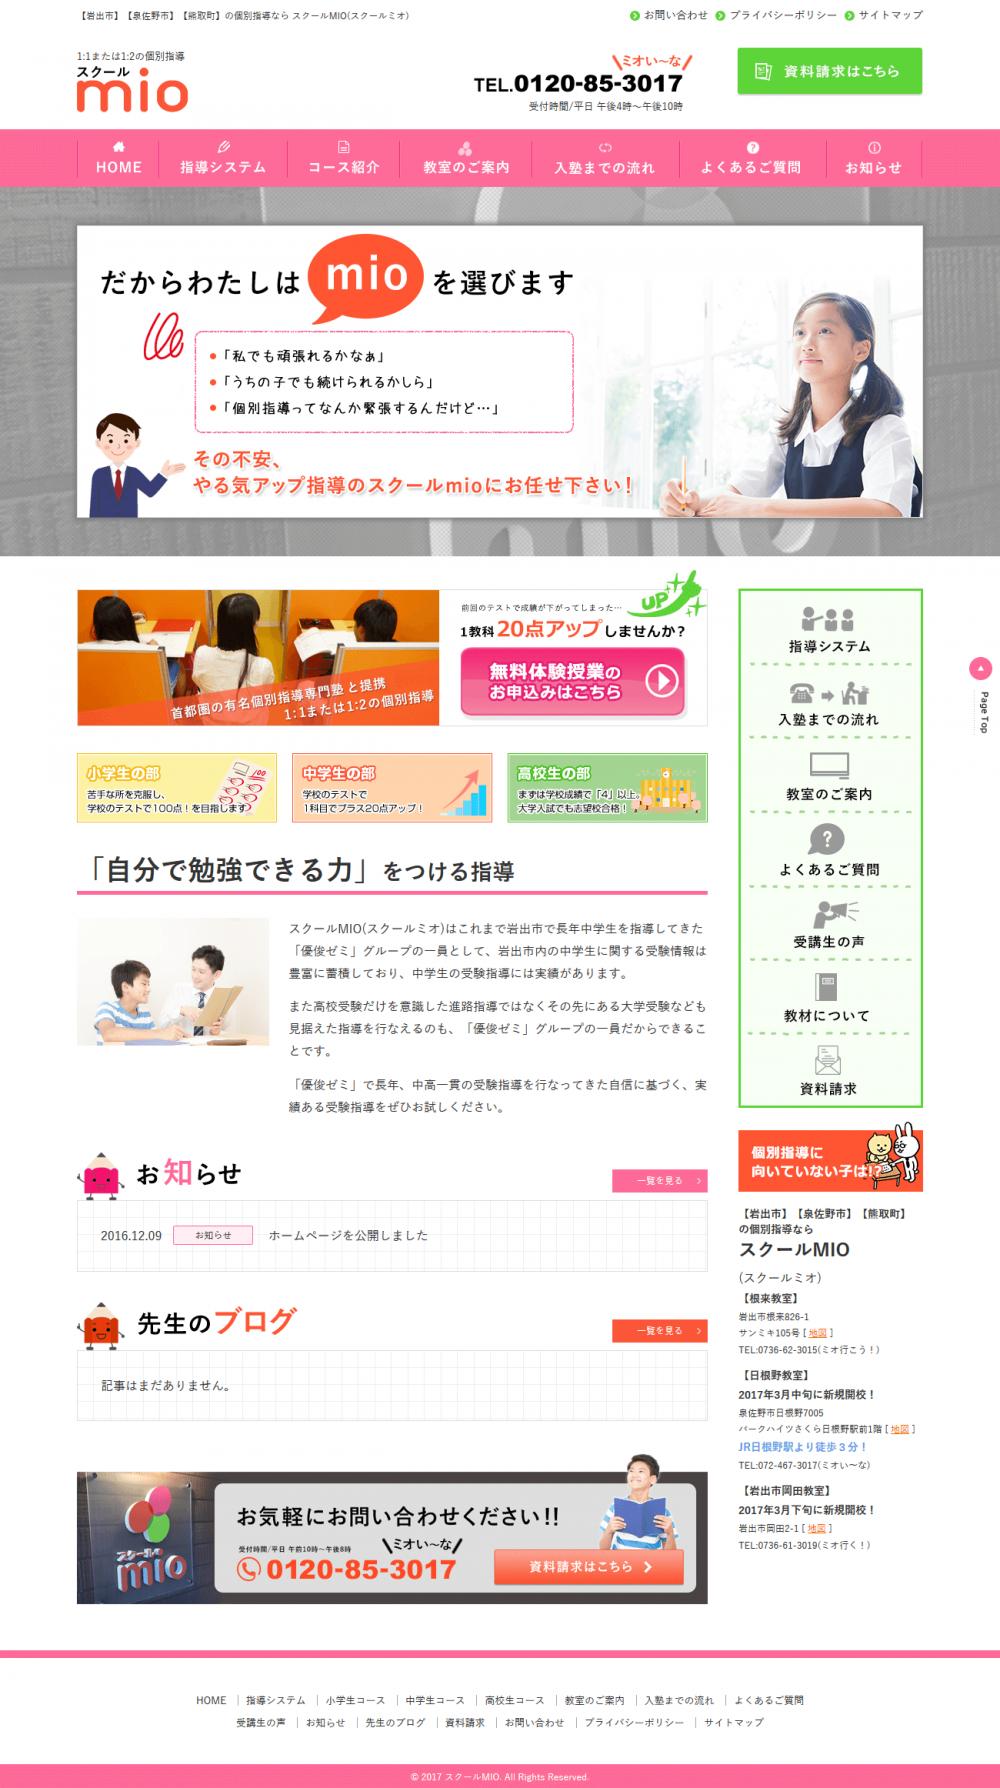 ホームページ制作実績 [学習塾] スクールmio 様